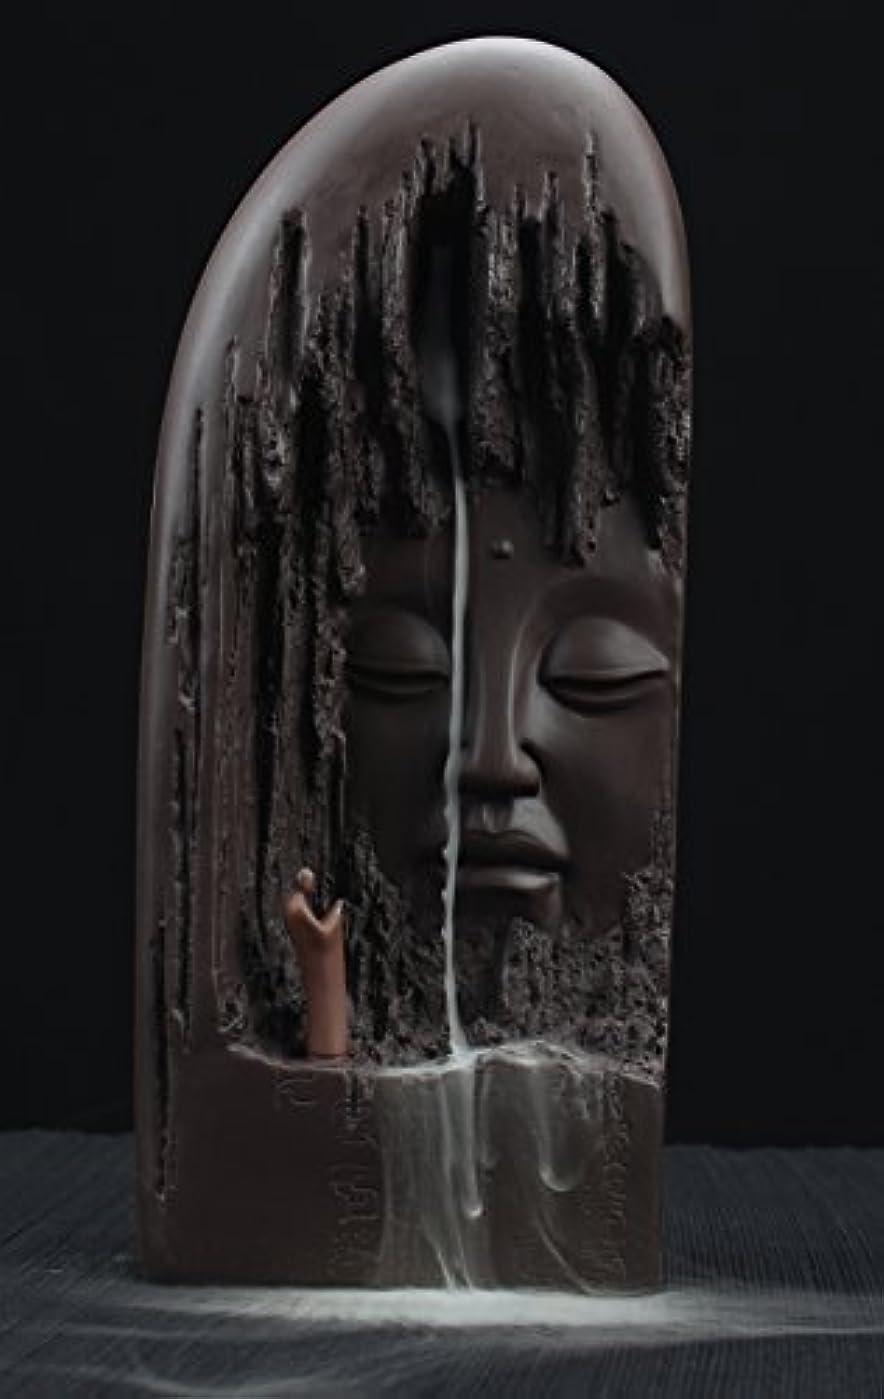 手土曜日ホラーETIALセラミックBudda Statue Backflow Incense円錐BurnerホルダーWaterfall Artwareホームオーナメント